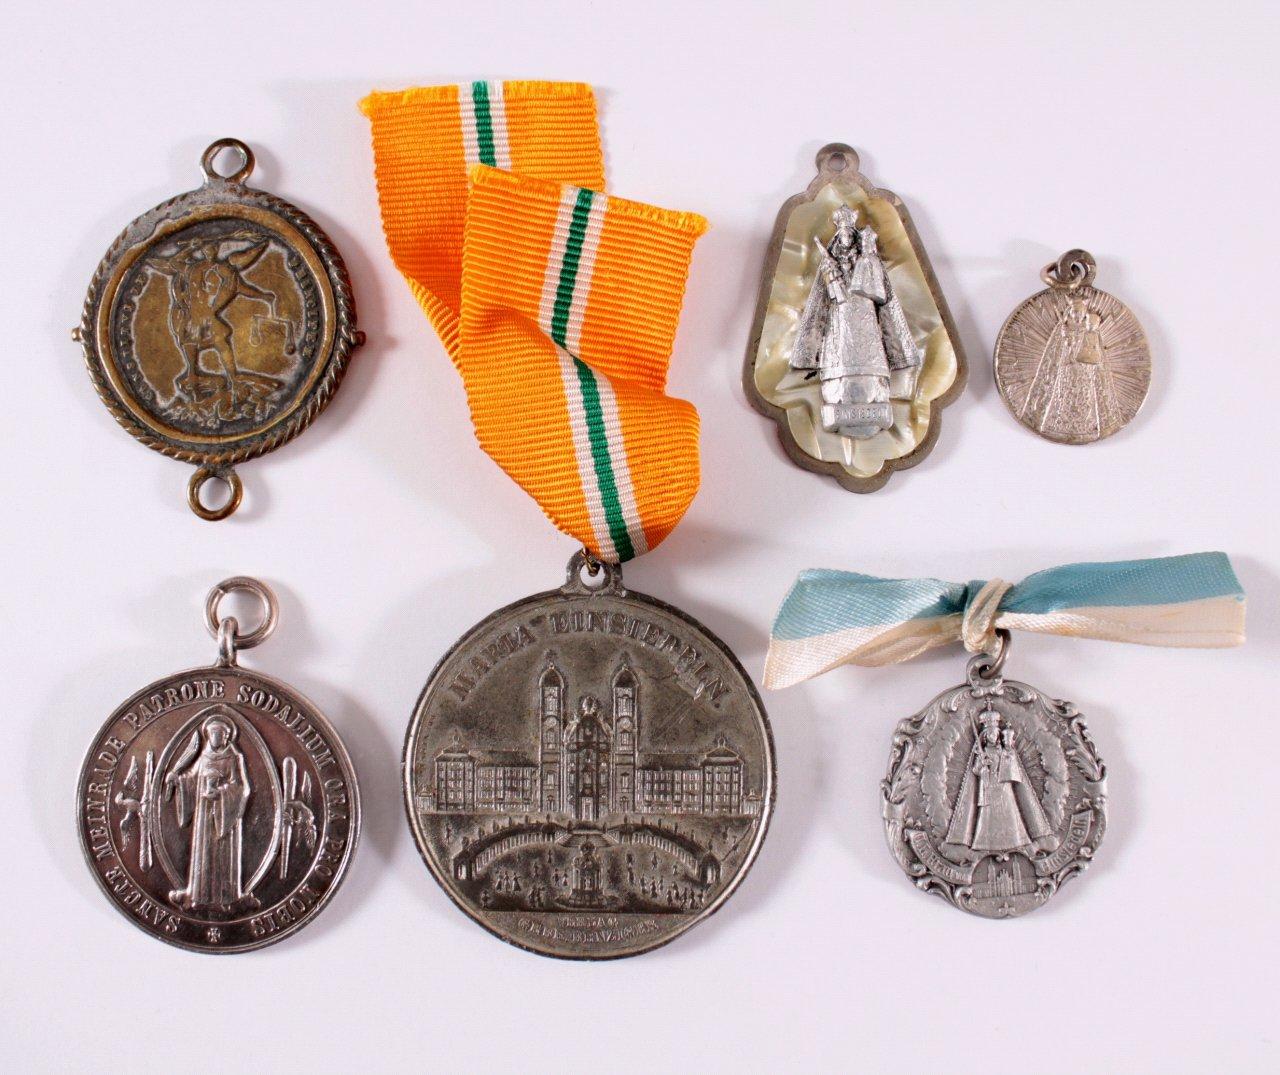 Konvolut Medaillen und Anhänger Einsiedeln